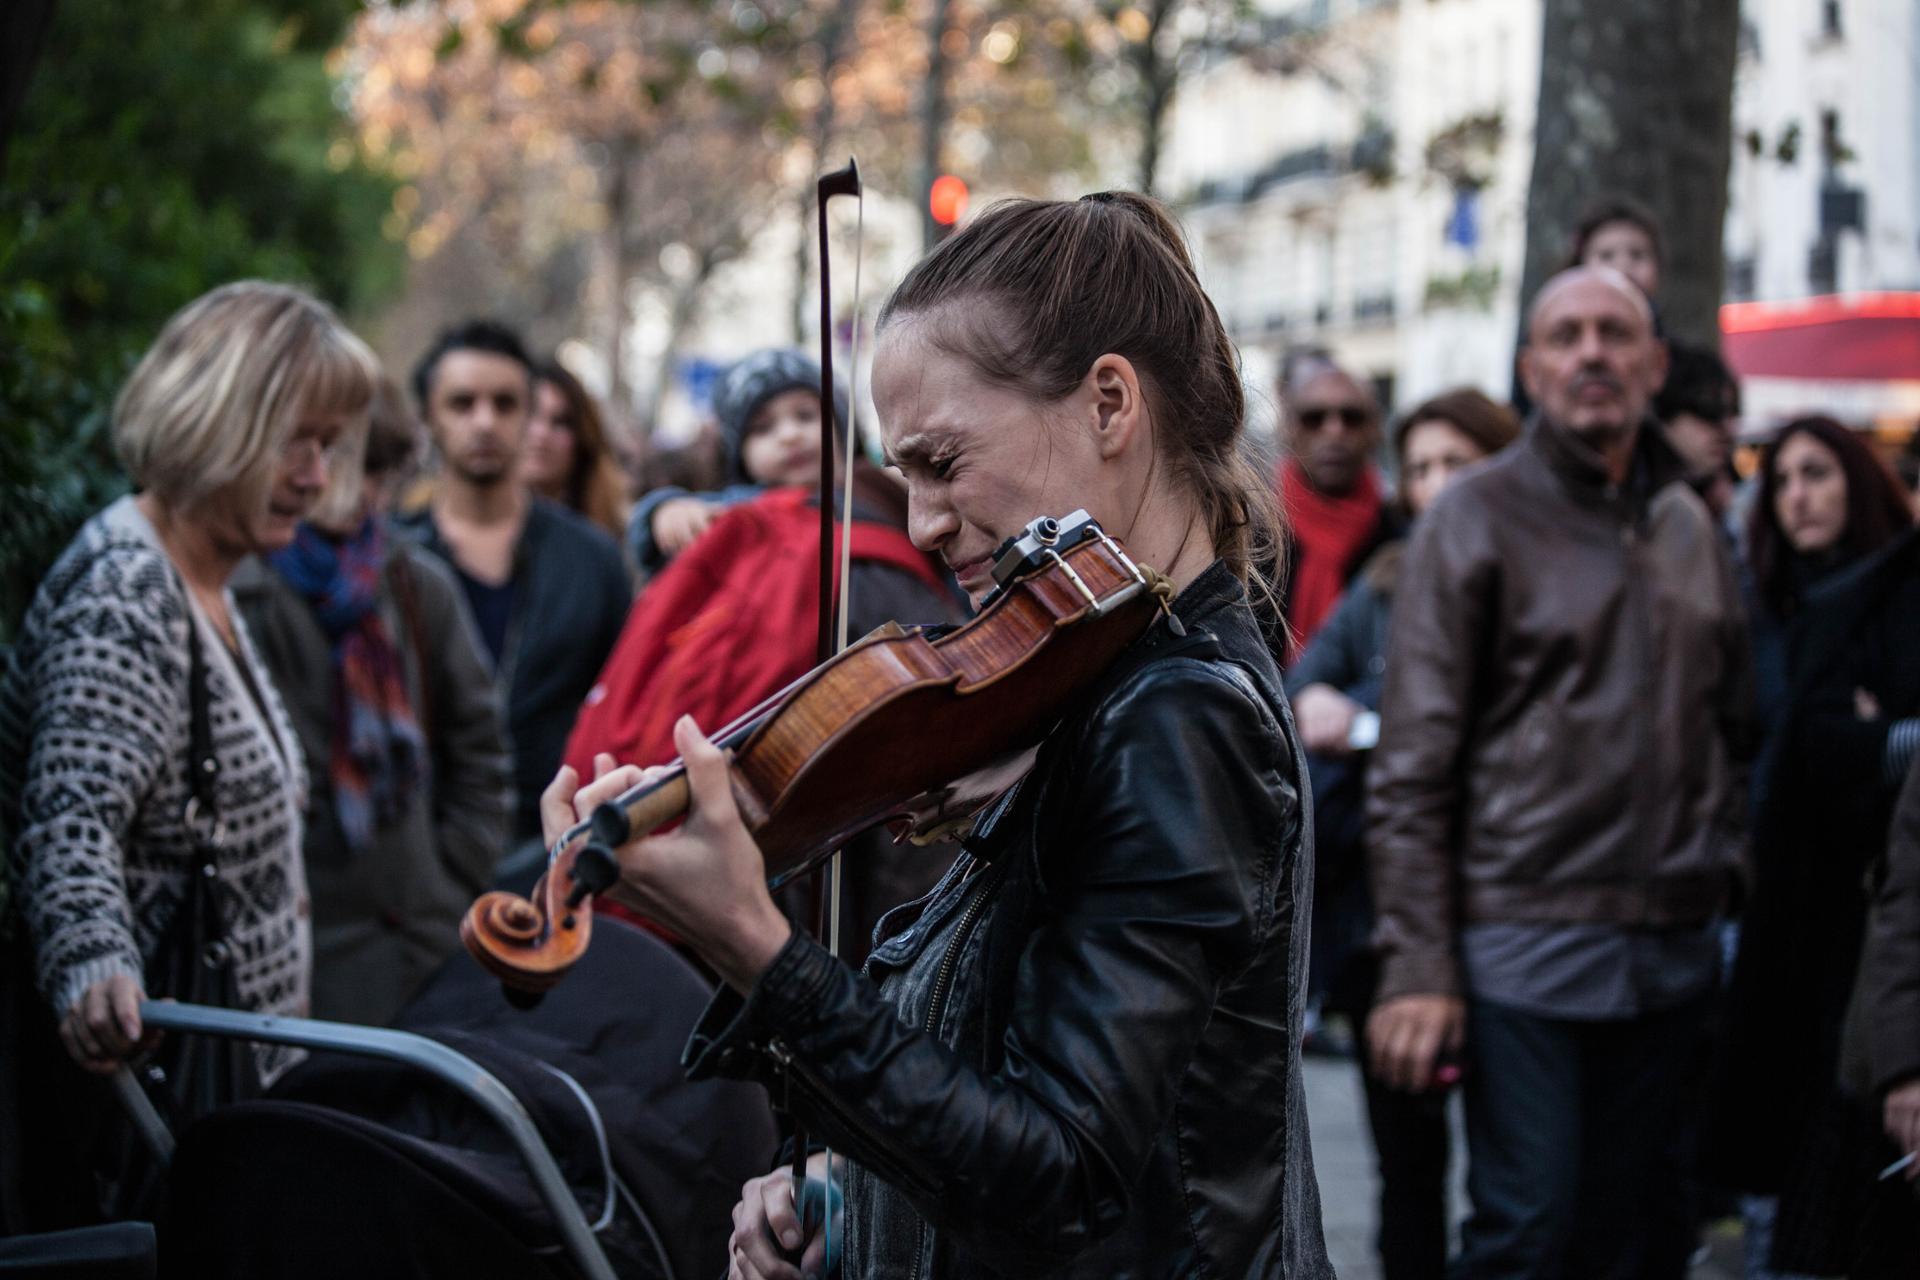 Une jeune violoniste devant le Bataclan le 15 novembre 2015.